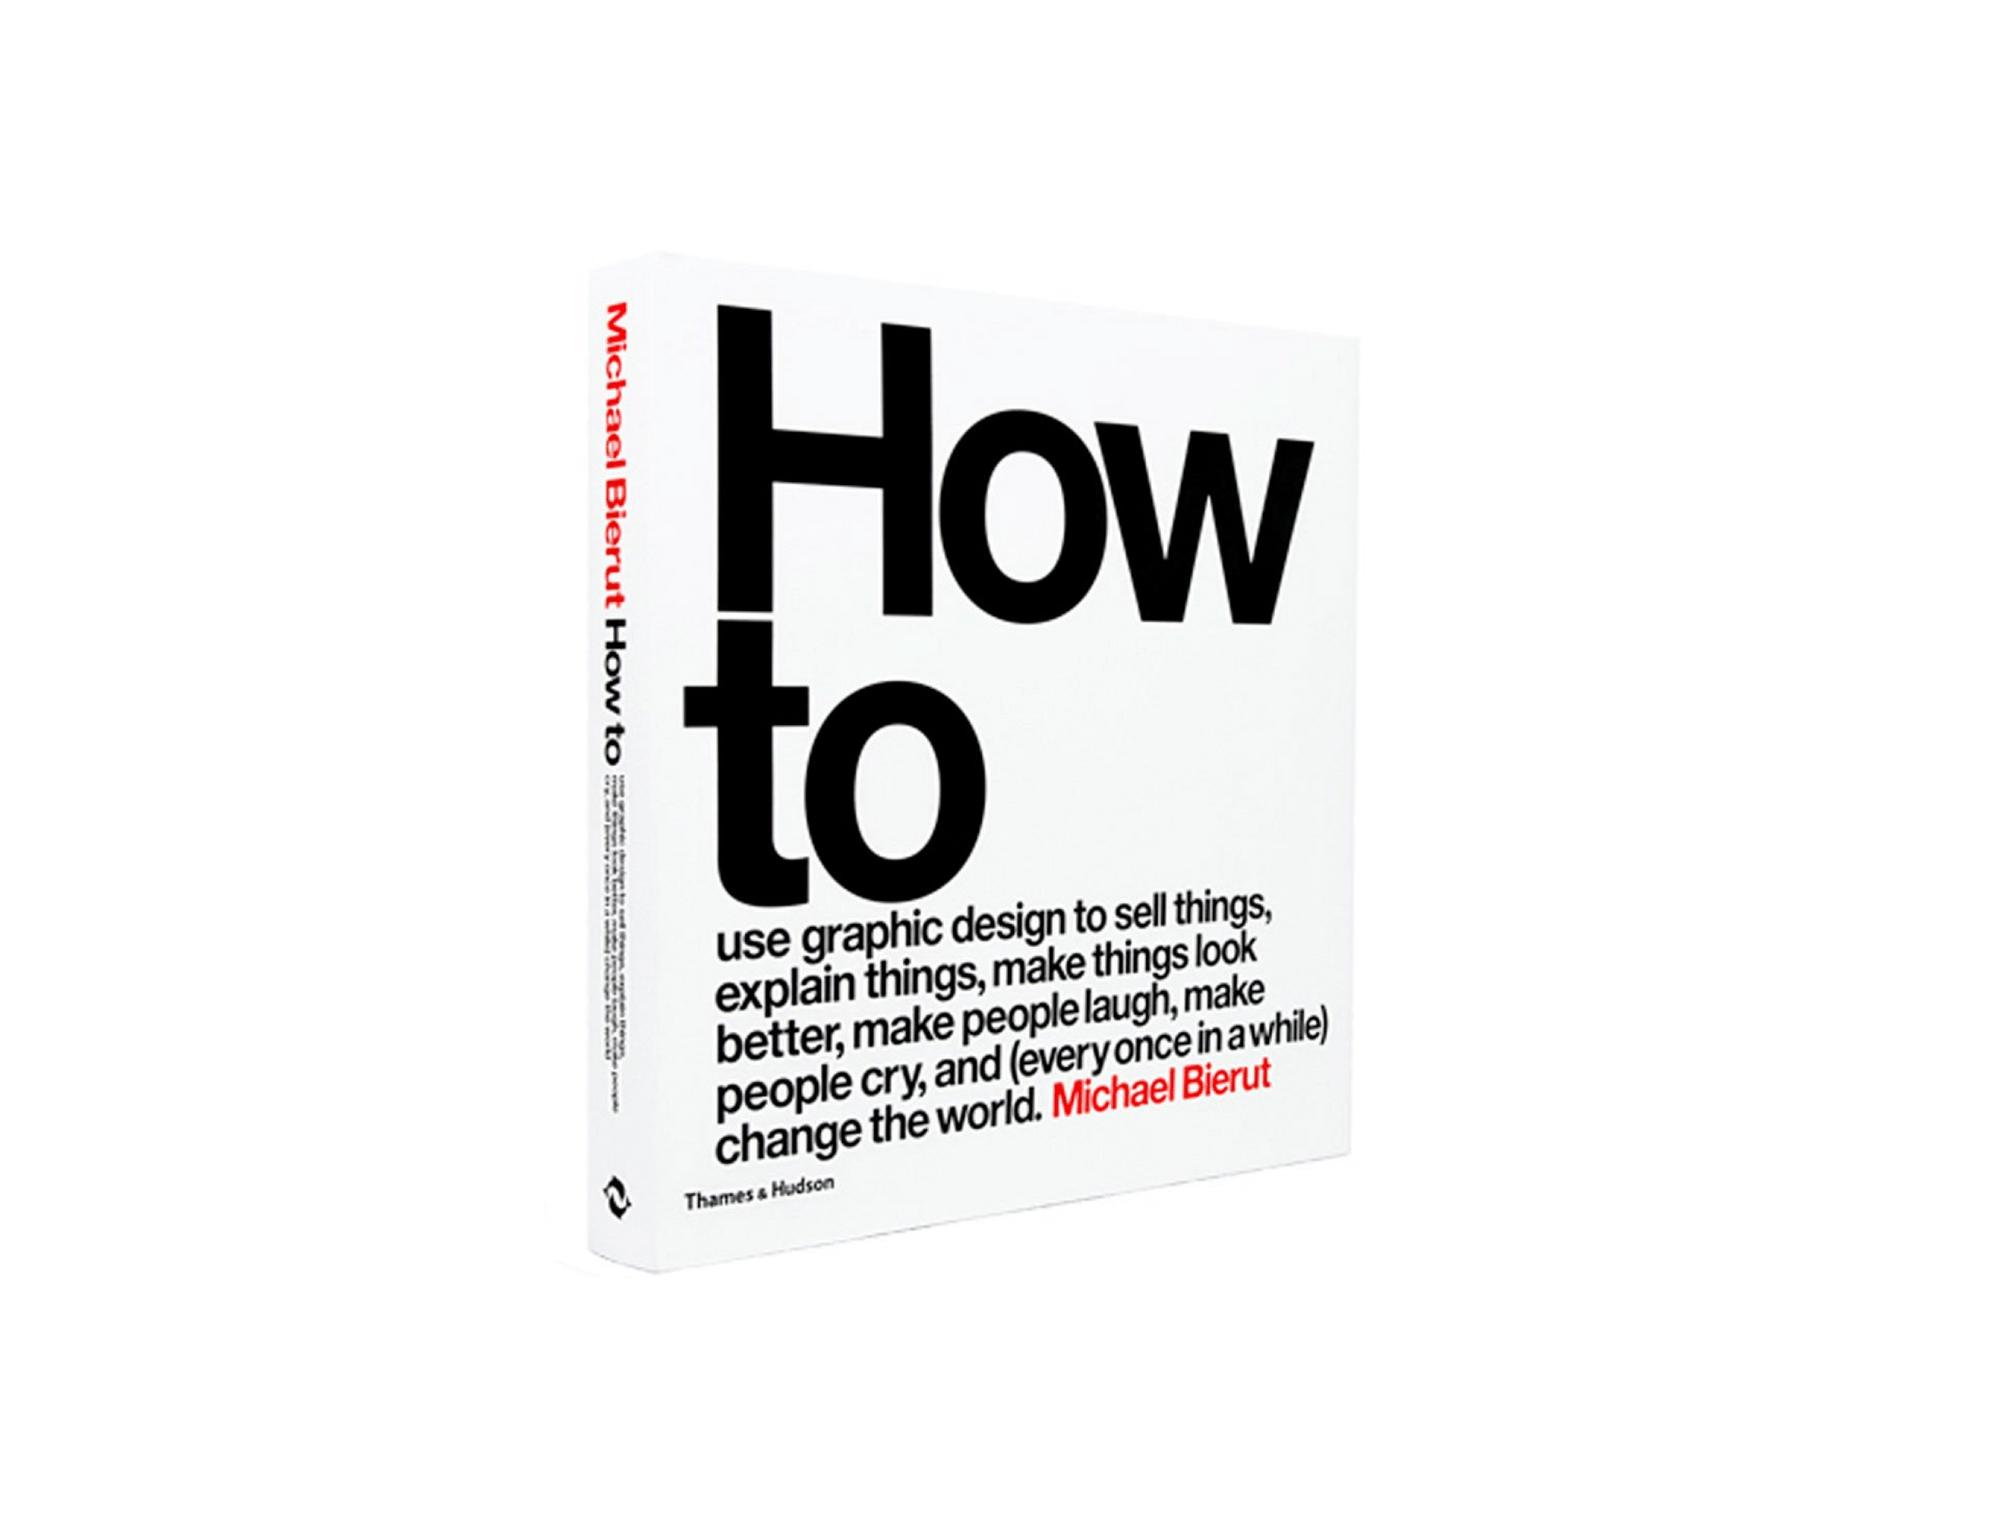 17 graphic design books to read in 2021